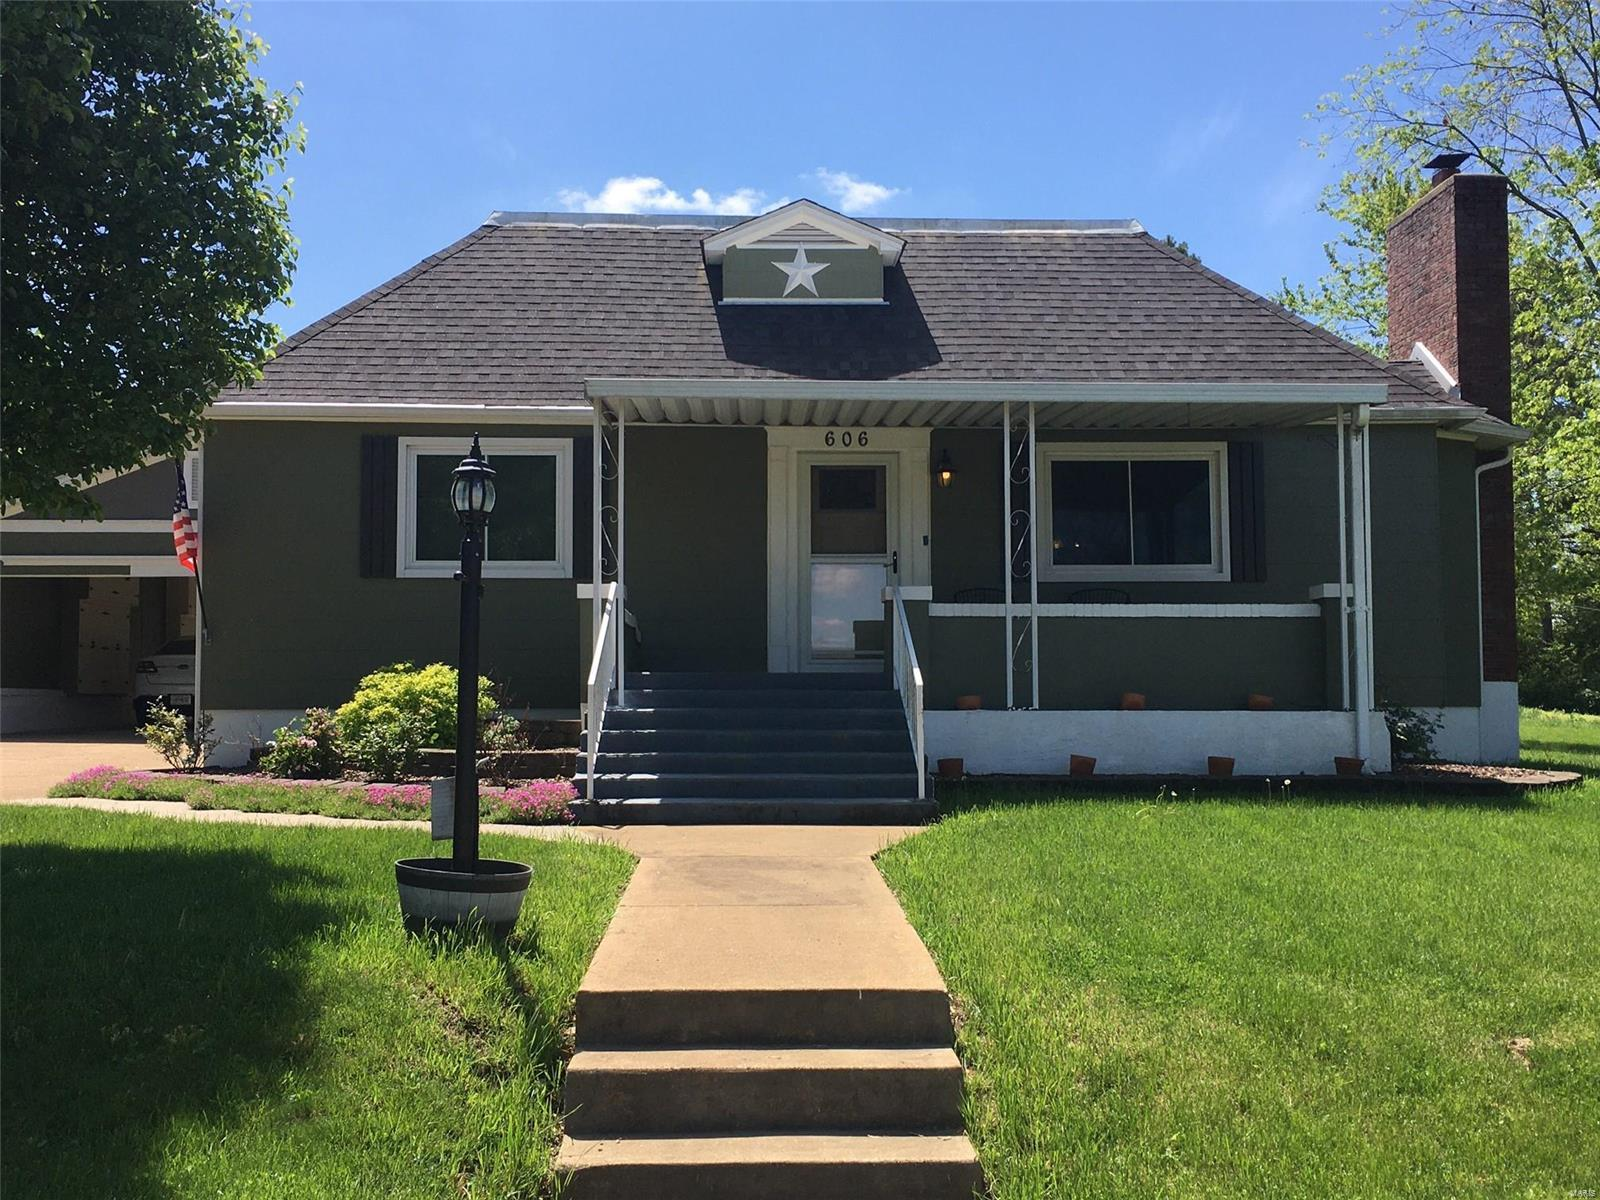 606 E Chestnut Property Photo - Desloge, MO real estate listing